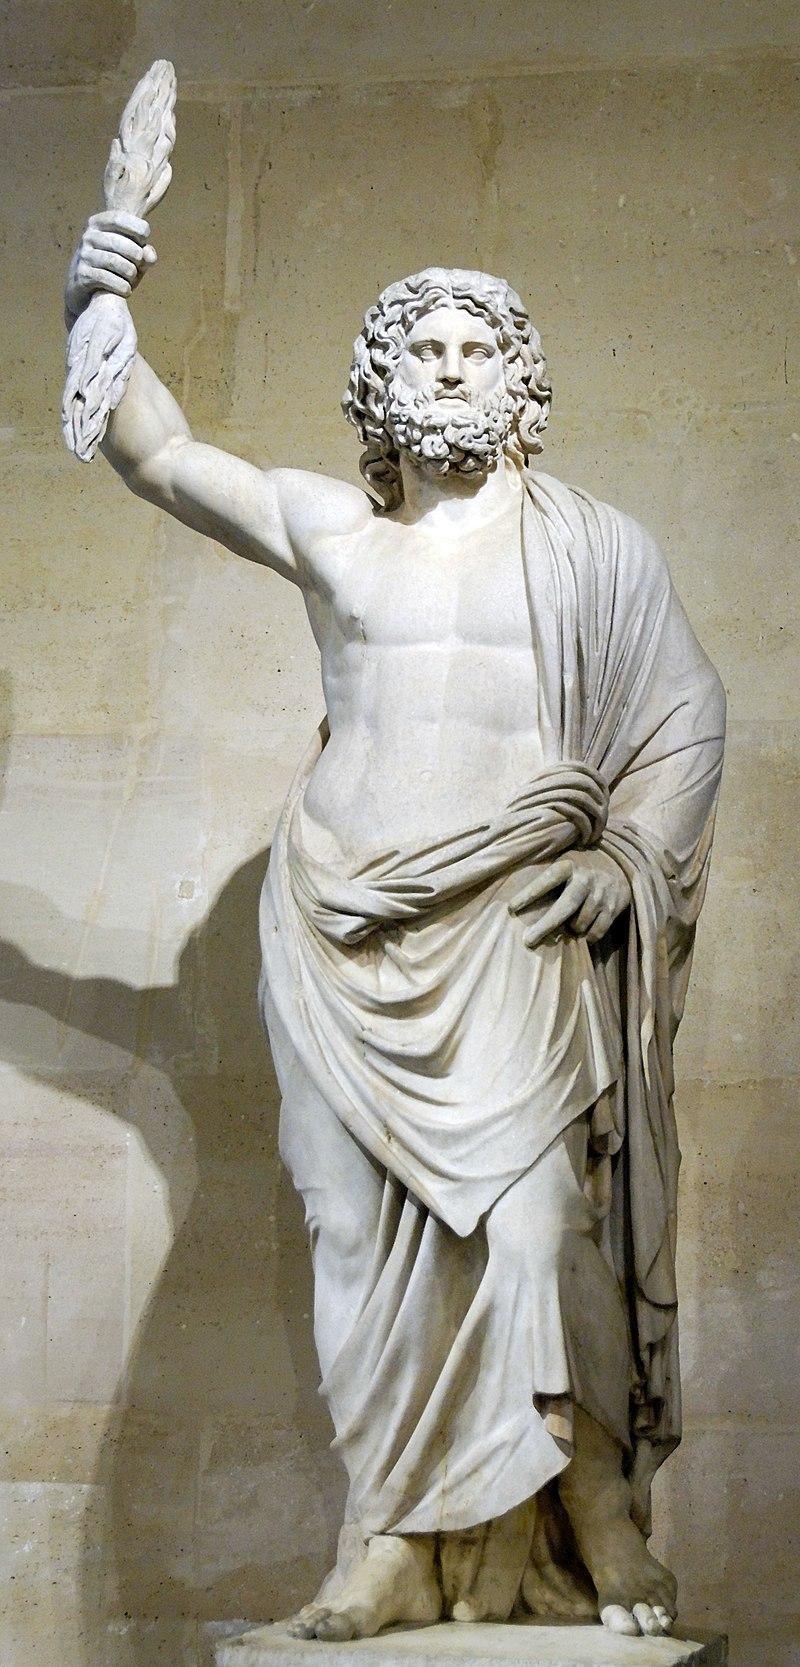 مجسمهی زئوس کشف شده در سمورنا